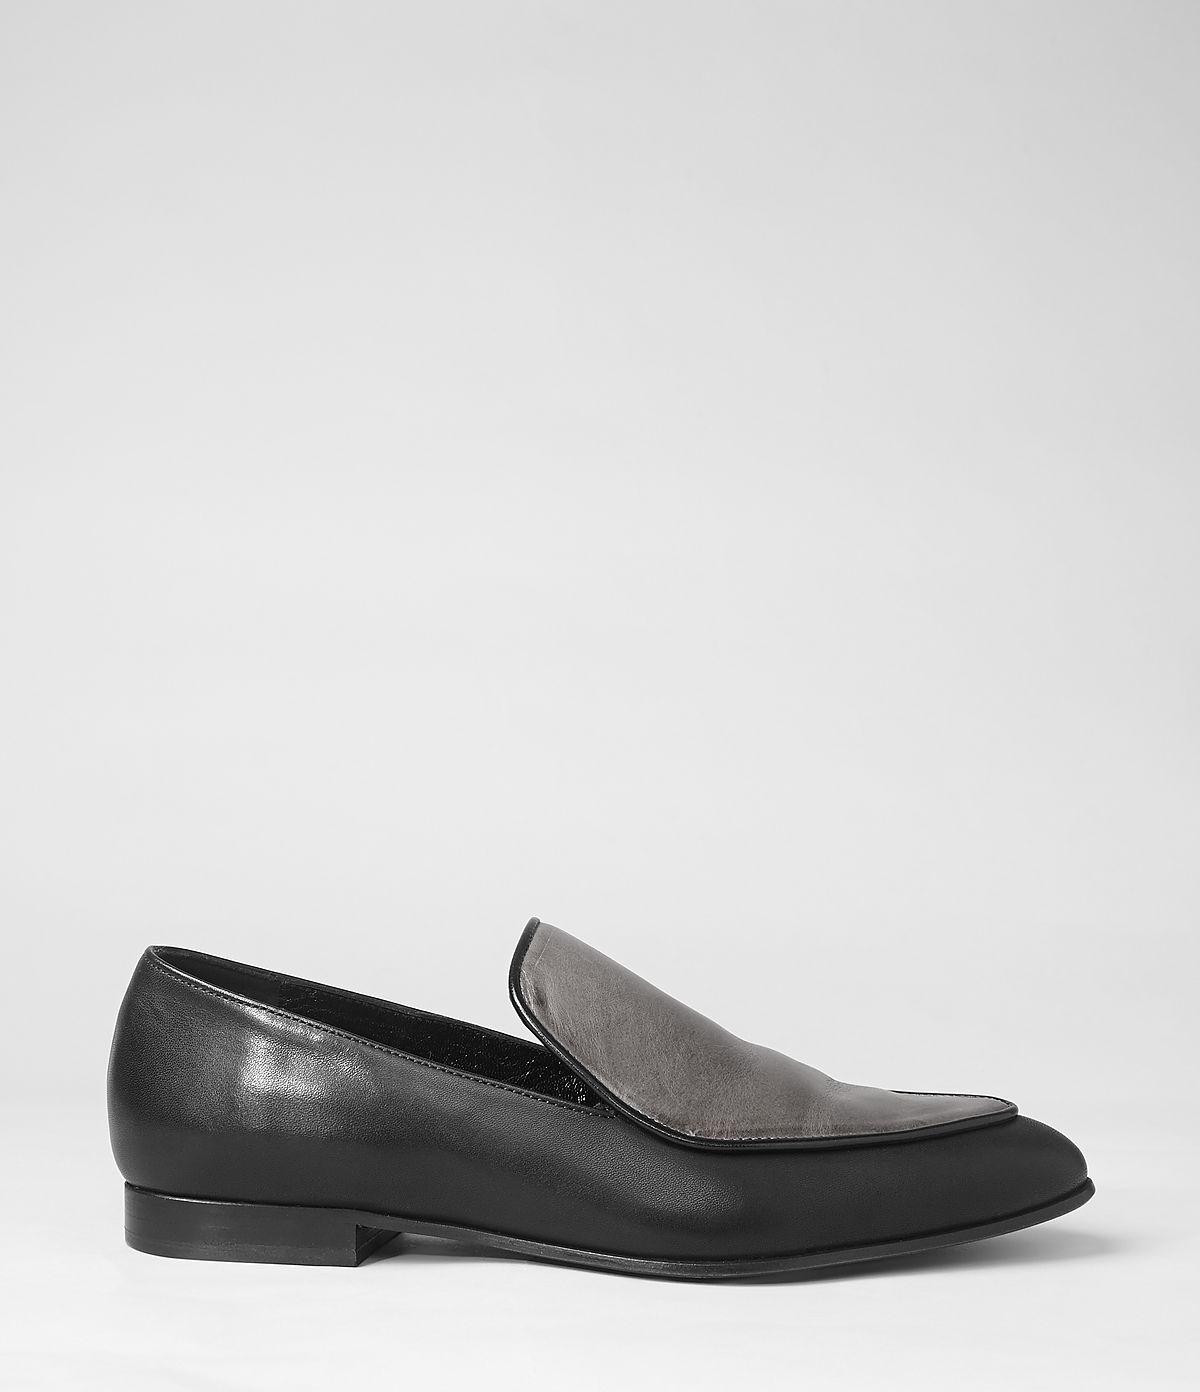 c55dcd5820f AllSaints Keiko Loafer in Black - Lyst